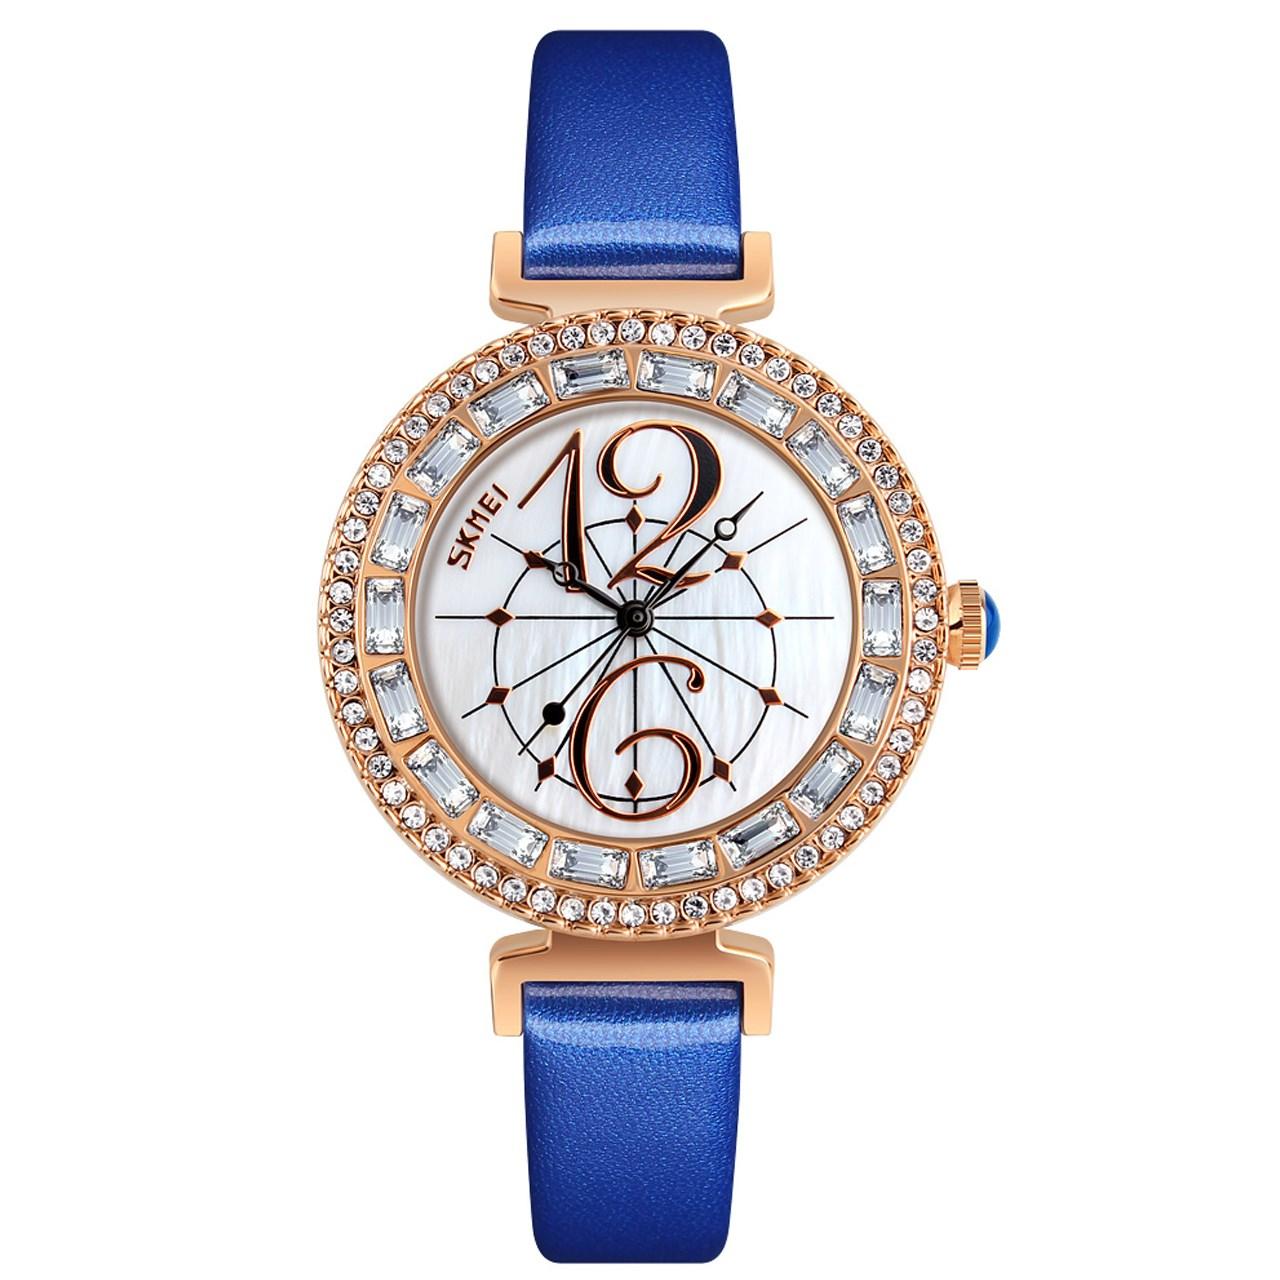 ساعت مچی عقربه ای  زنانه اسکمی مدل9158 کد 01 31